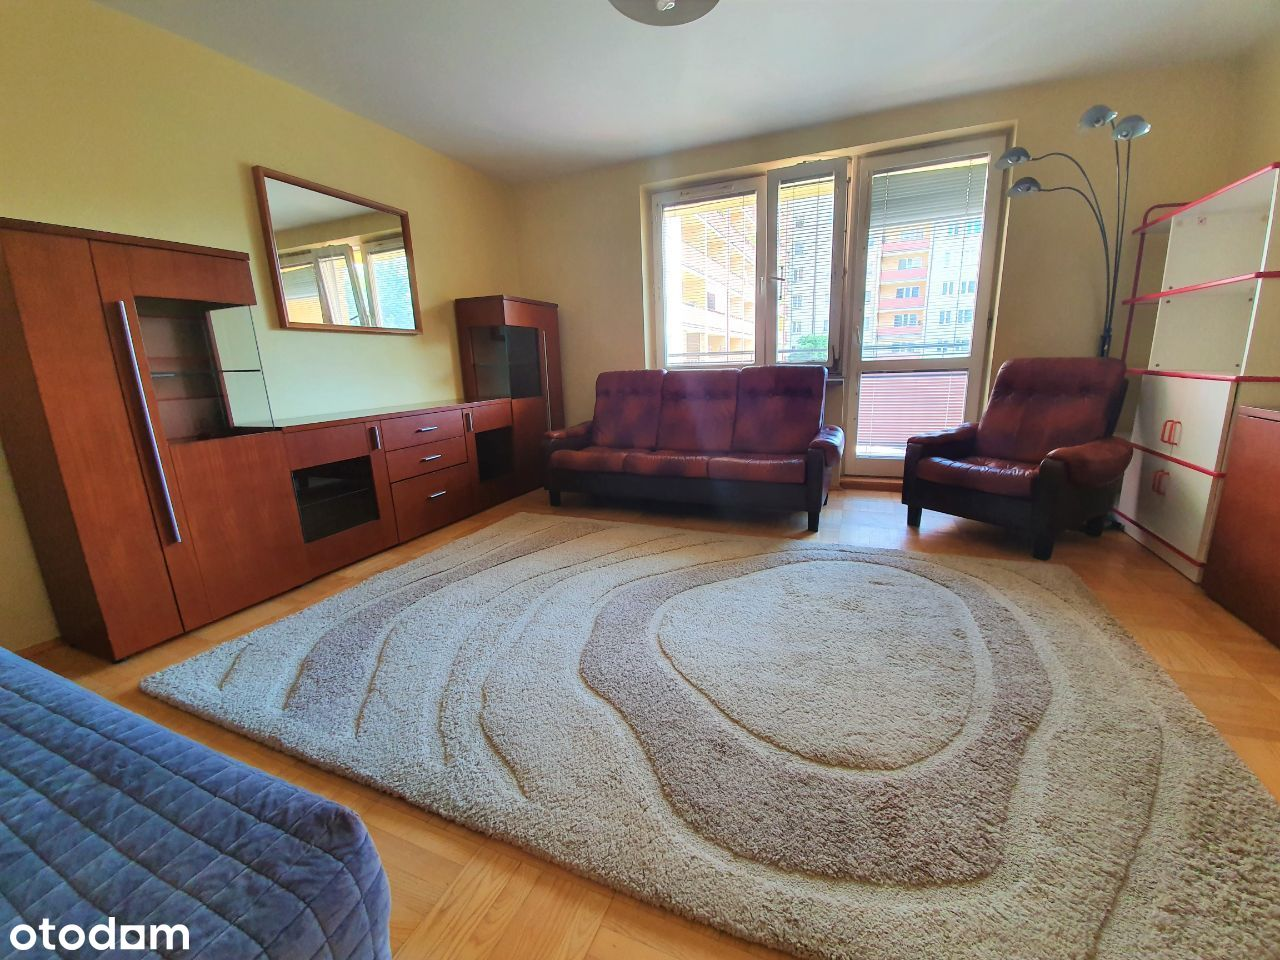 BEZ POŚREDNIKÓW - mieszkanie 75m (os. Drabinianka)